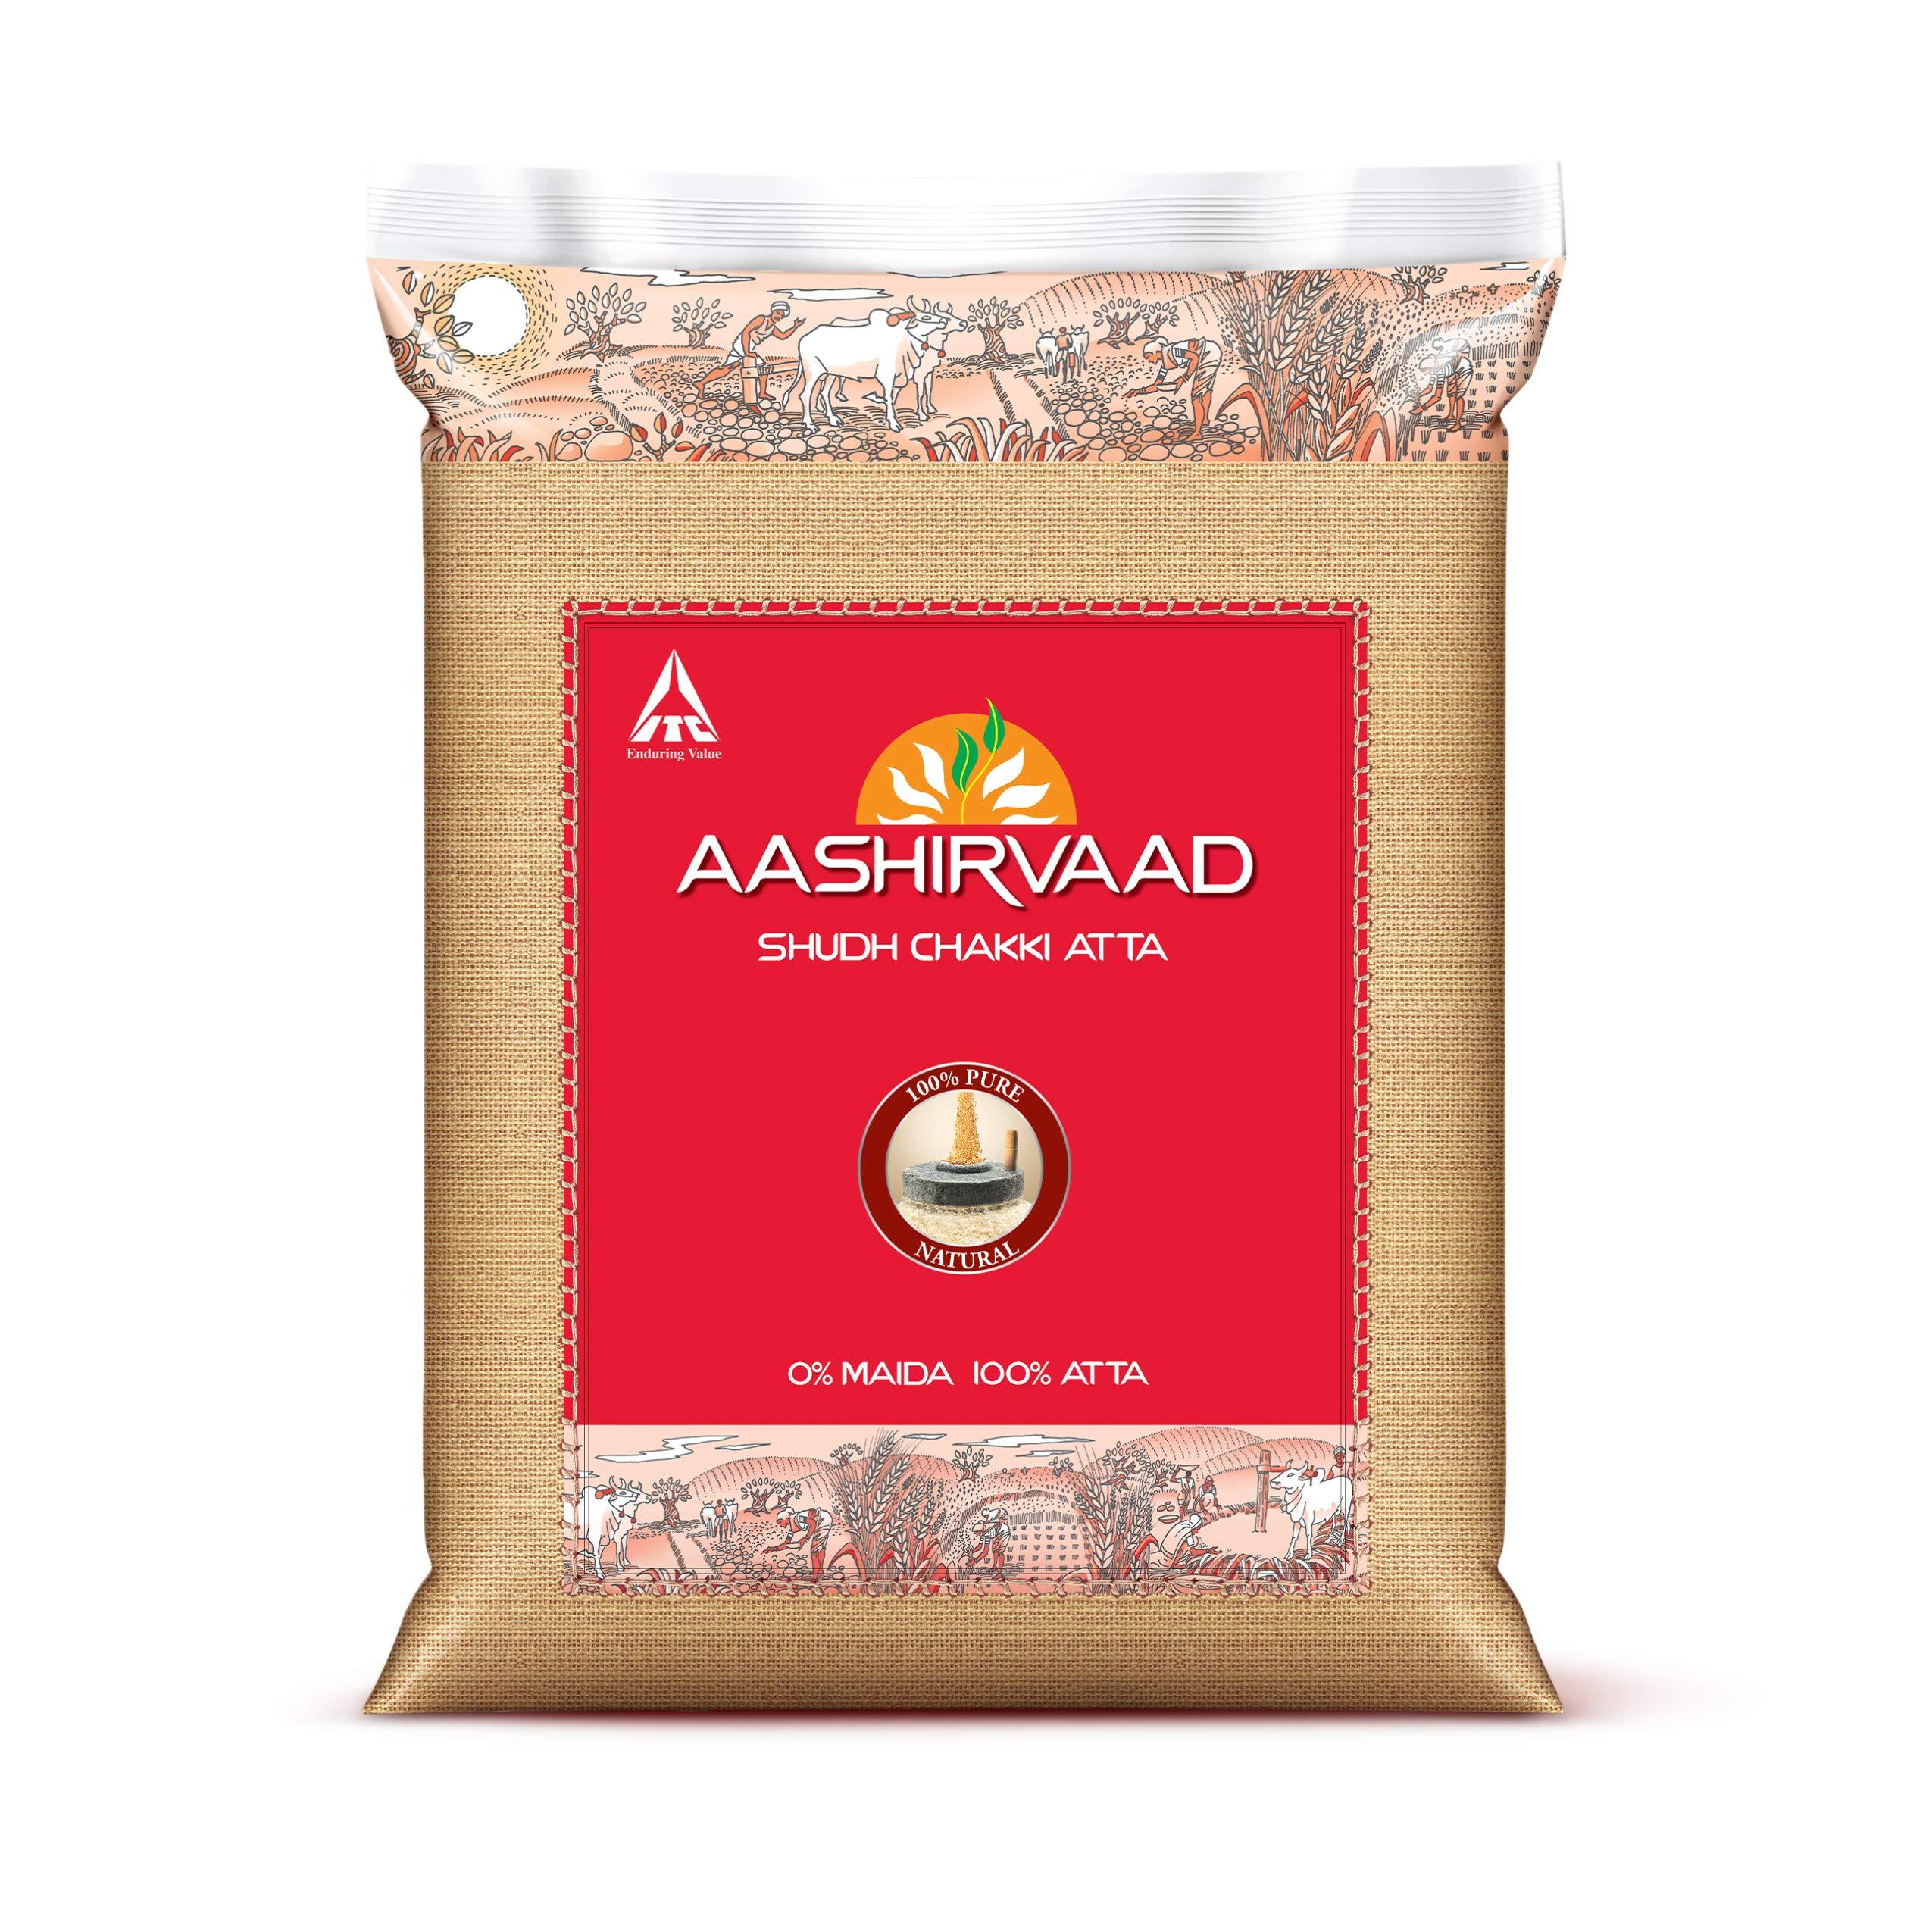 Aashirvaad Whole Wheat Atta 11lb